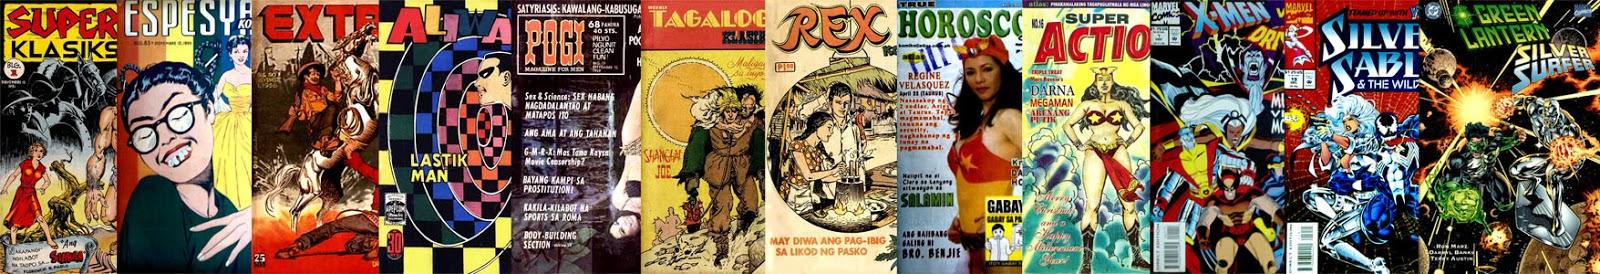 Mga komiks (comics) na lumabas sa buwan ng Disyembre